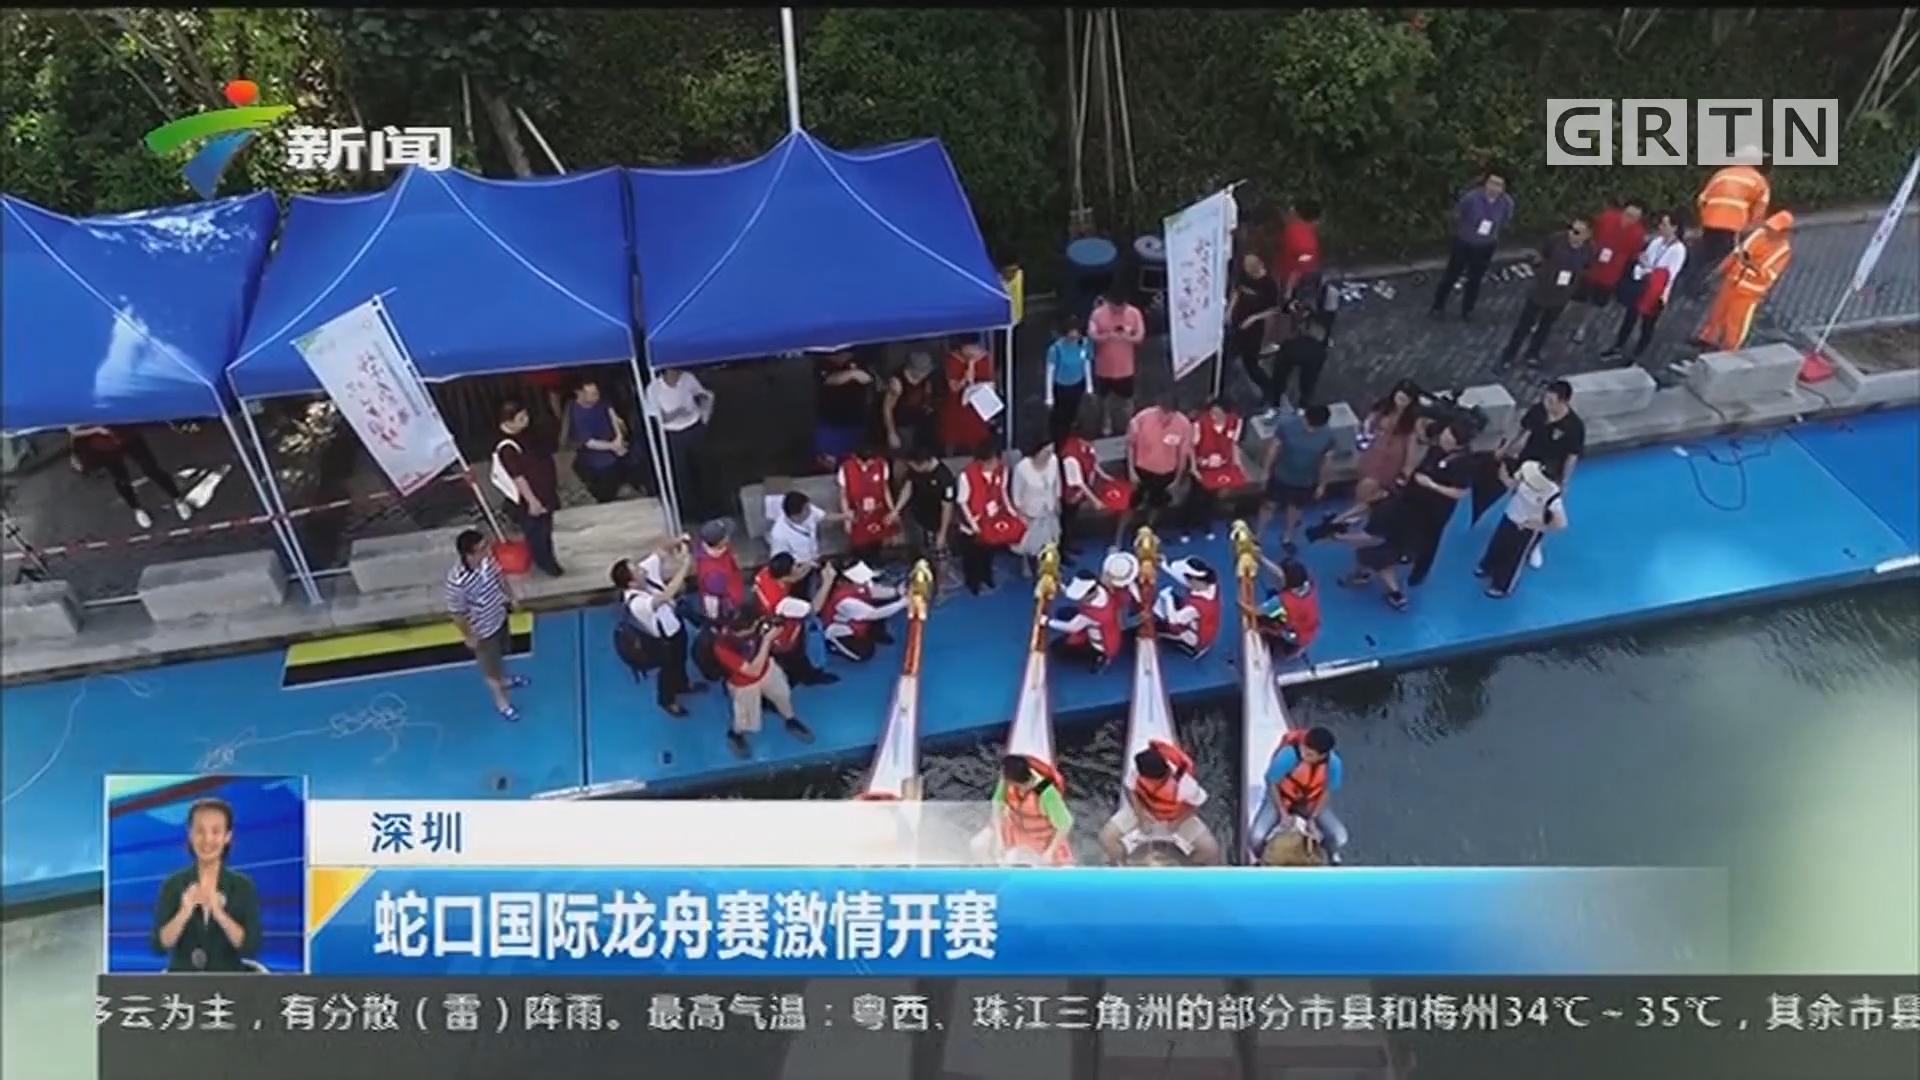 深圳:蛇口国际龙舟赛激情开赛